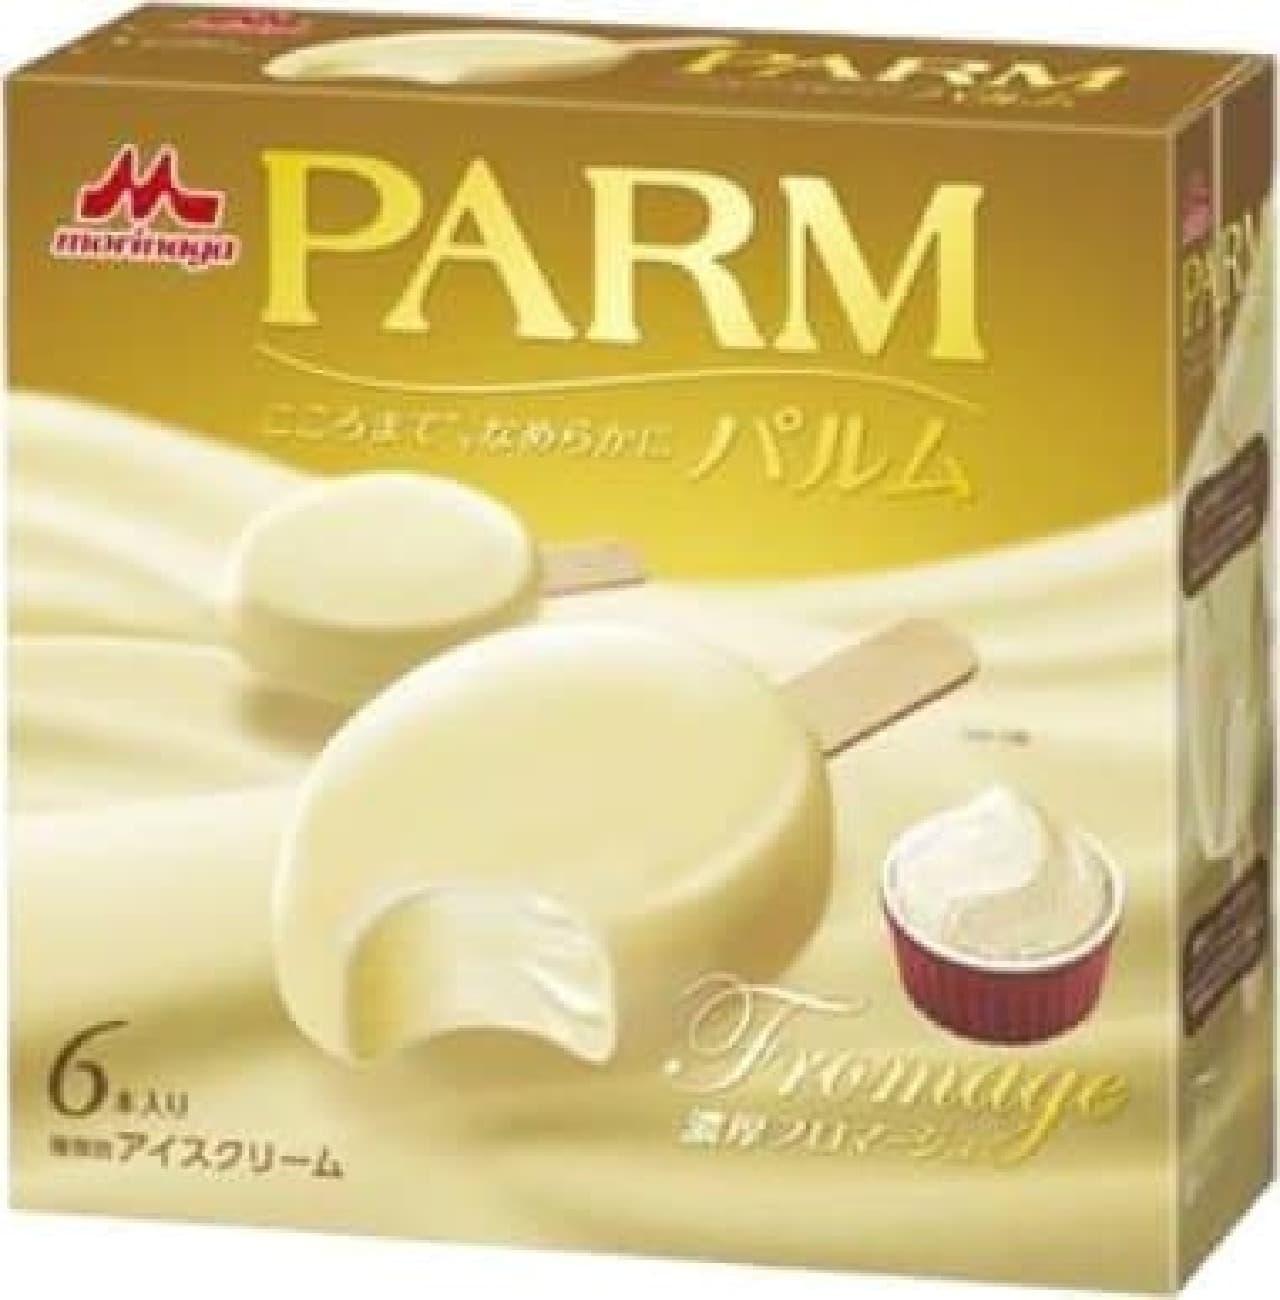 森永乳業「PARM(パルム) 濃厚フロマージュ」